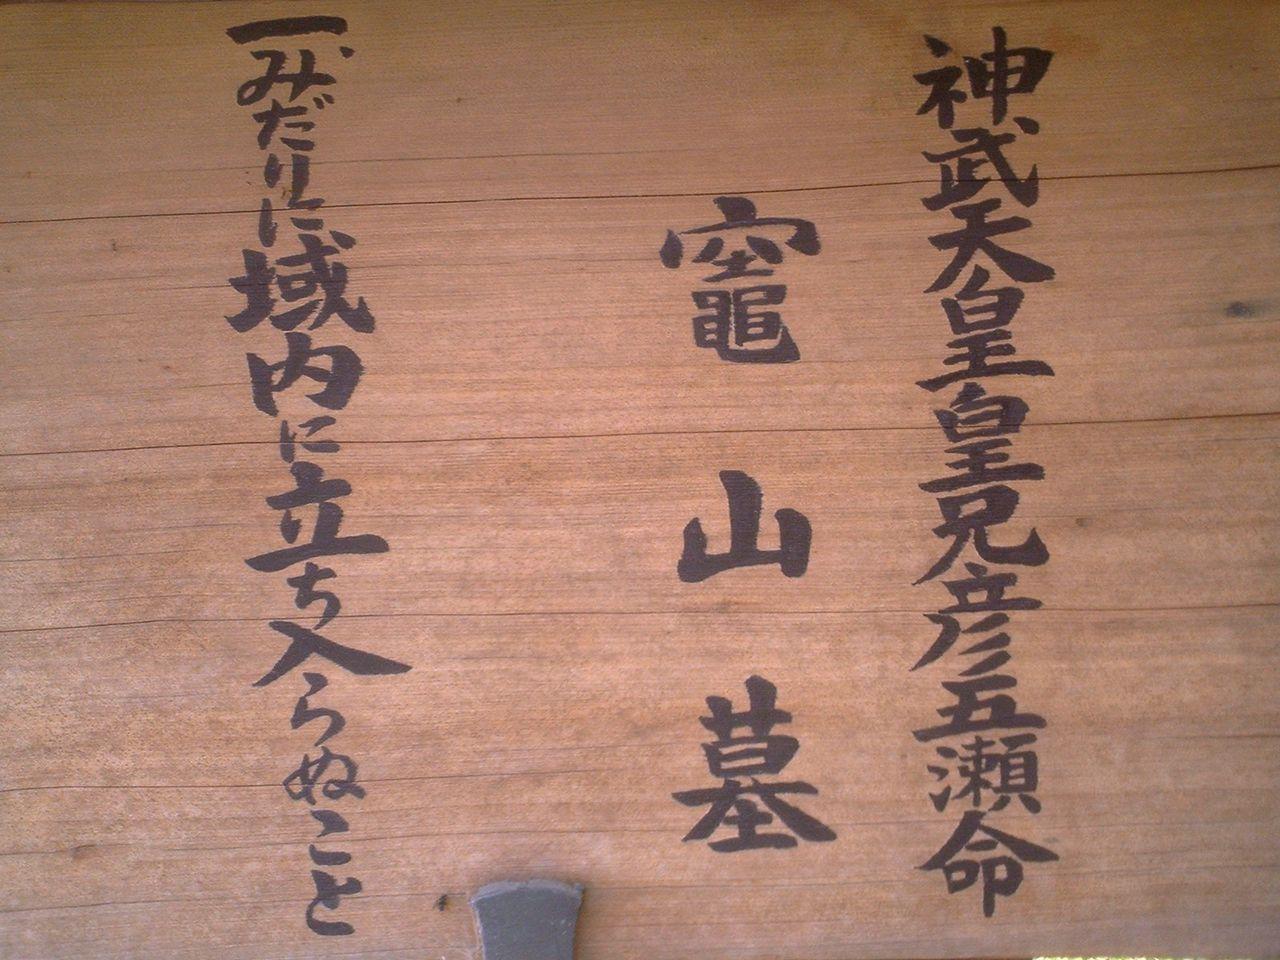 これは、「続柄はあくまでも天皇を基準とする」という考えのもと記されている... 彦五瀬命墓